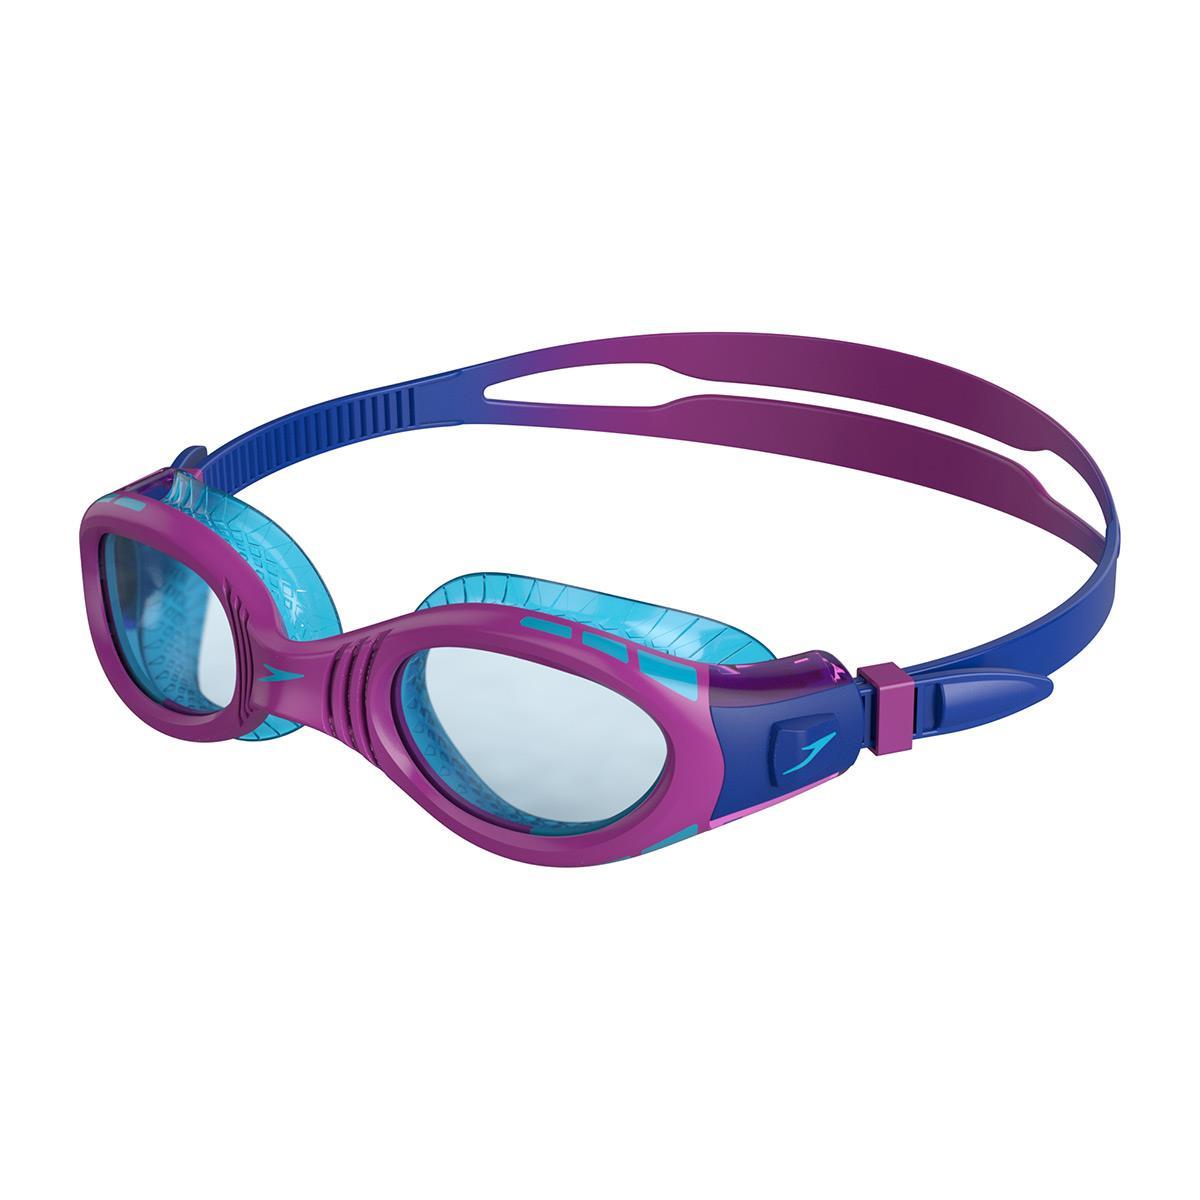 Speedo Fut Bıof Fseal Dual Gog Ju Blu/Purp Çocuk Gözlük